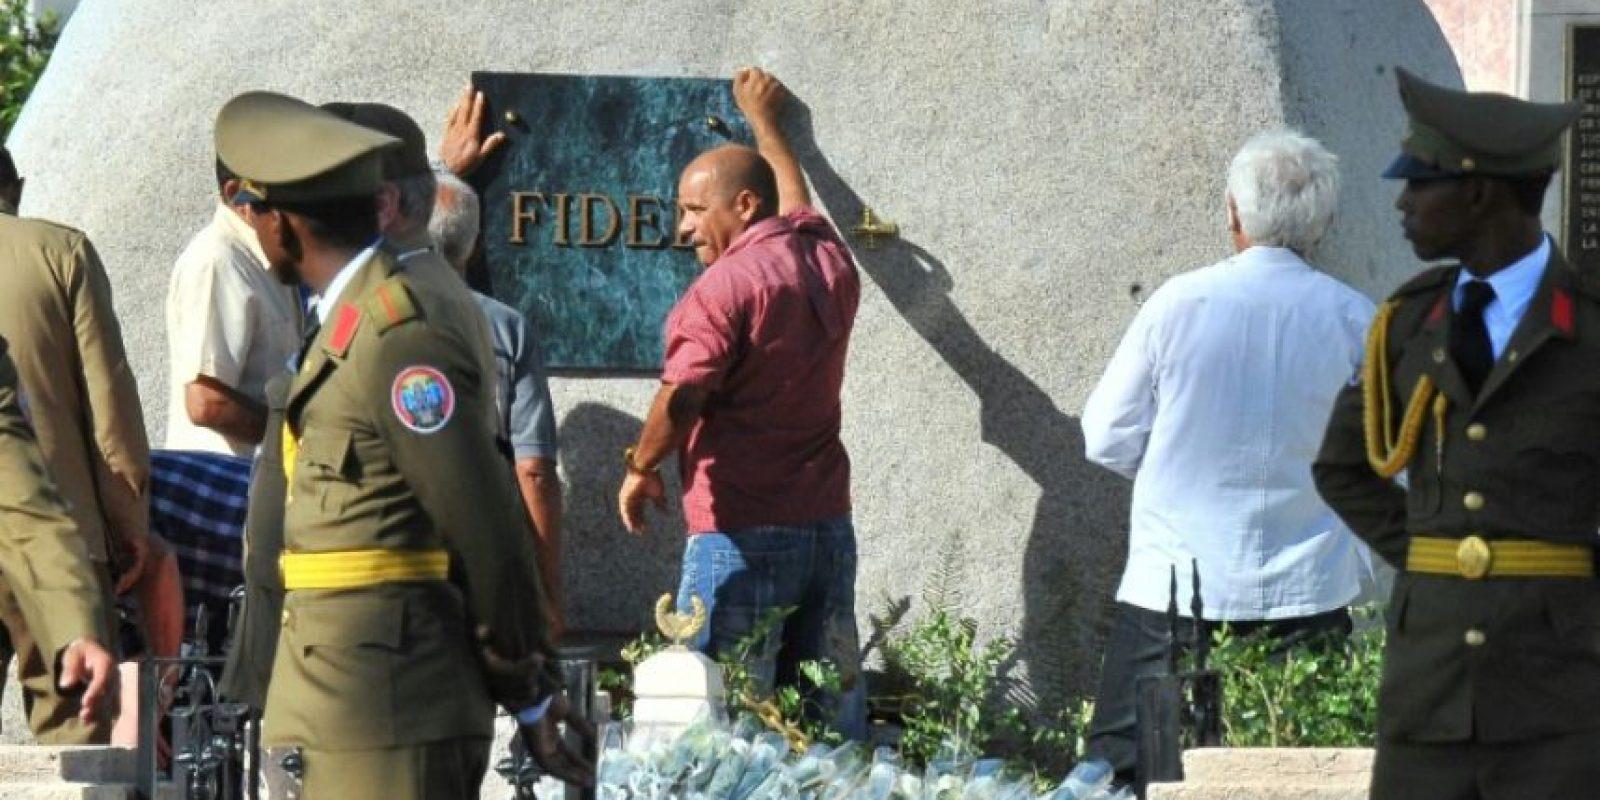 Unos trabajadores colocan una placa con el nombre del líder de la Revolución cubana, Fidel Castro, en el mausoleo en el que depositadas sus cenizas, en el cementerio Santa Ifigenia de Santiago de Cuba, el 4 de diciembre de 2016 Foto:Yamil Lage/afp.com